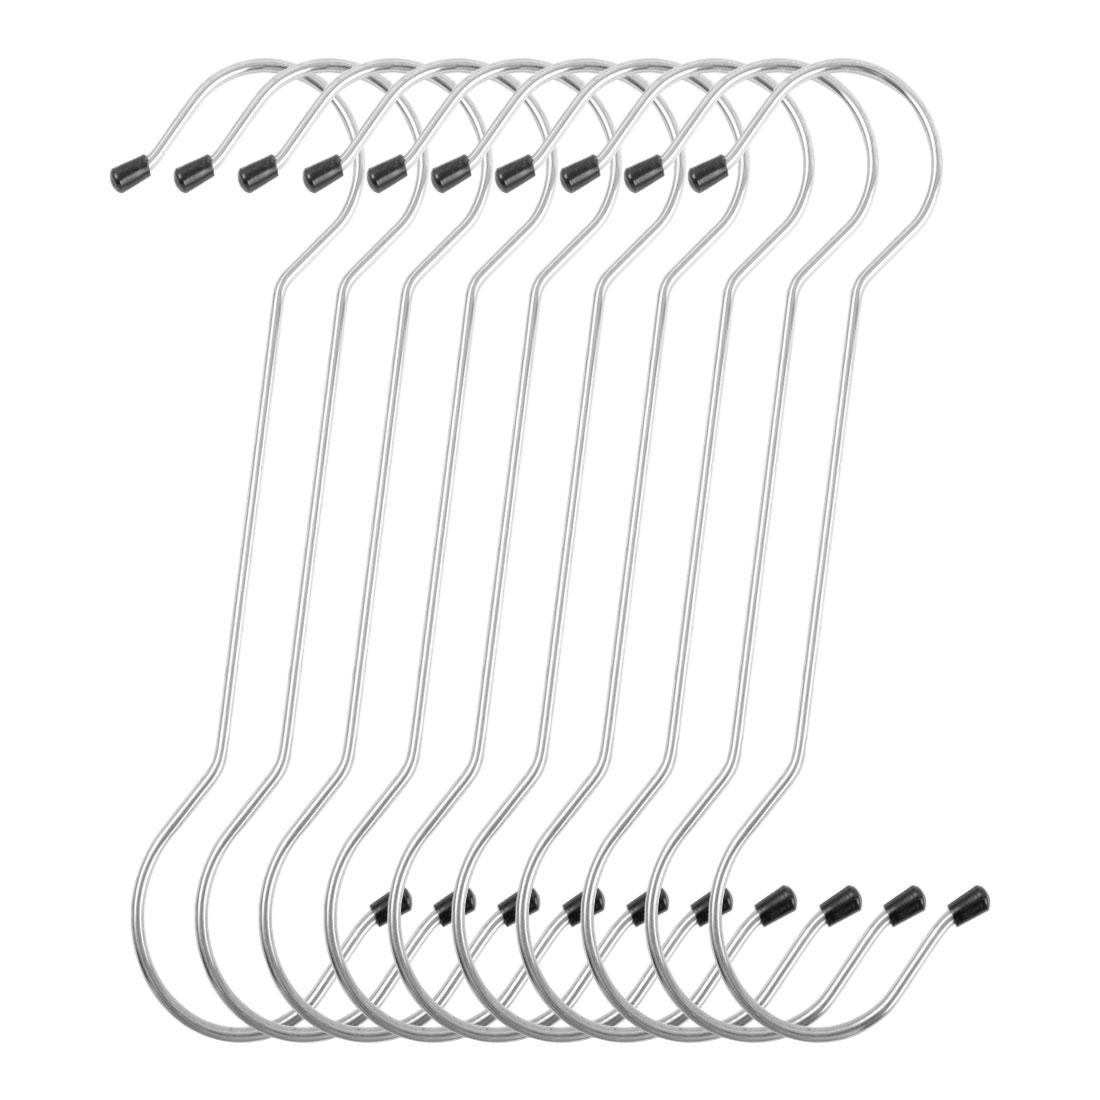 10 Pack S Shape Hooks Rack Stainless Steel for Coat Towel Holder Silver Tone